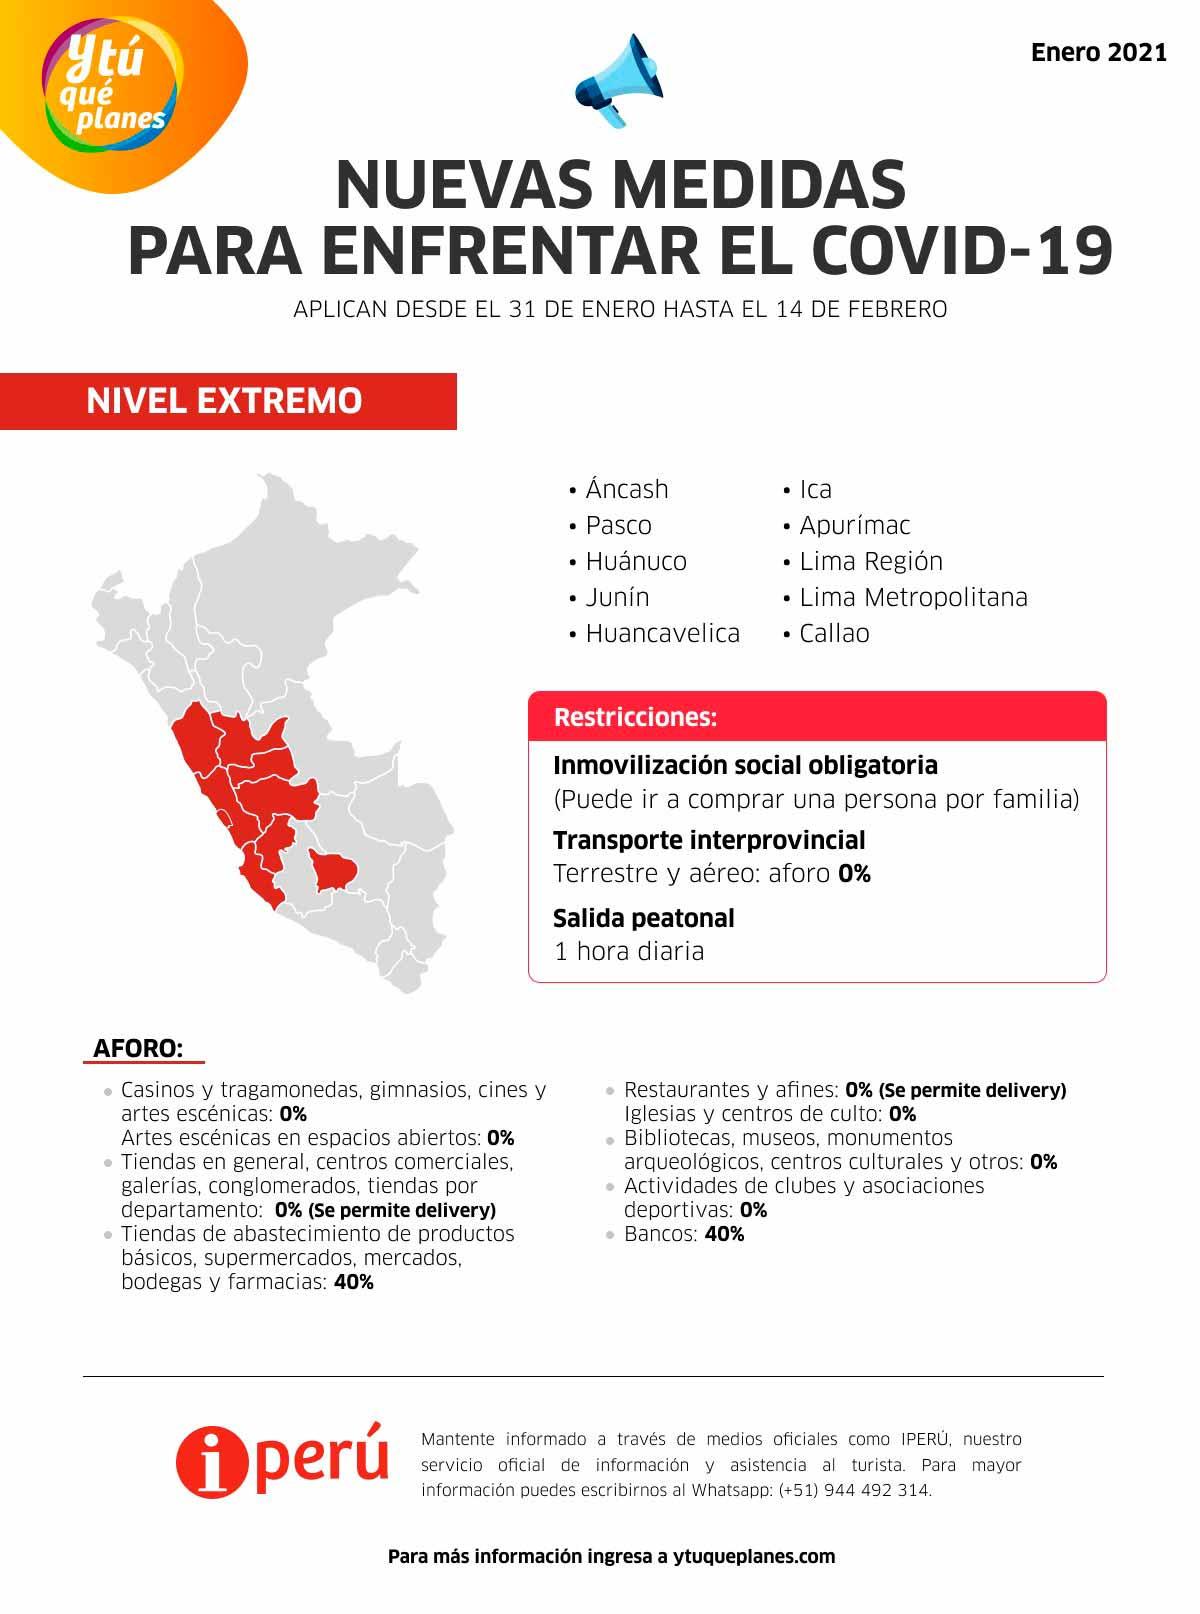 Regiones de Nivel Extremo Covid-19